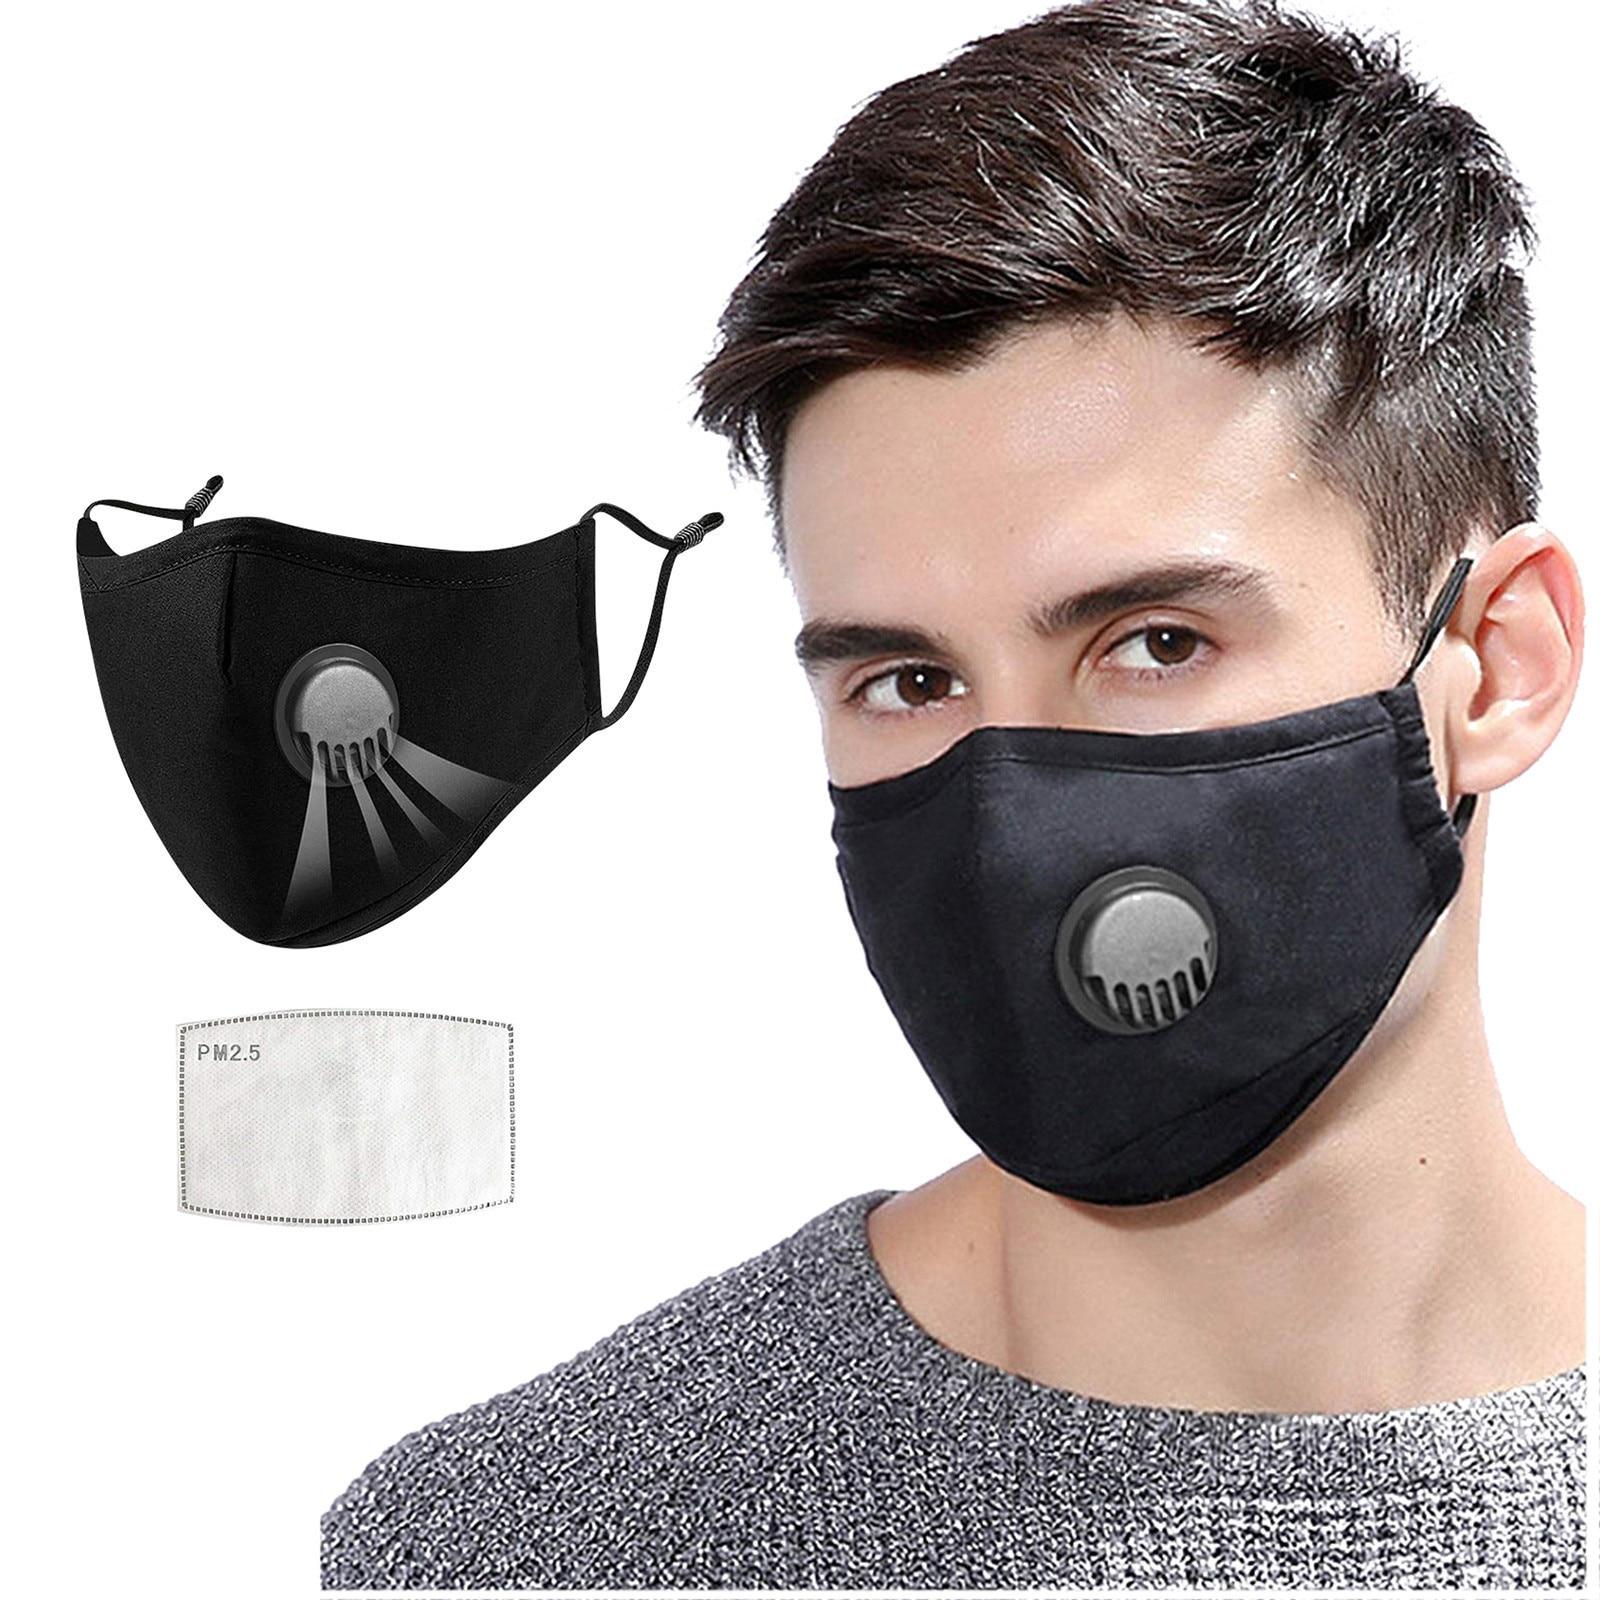 Многоразовая черная маска для рта унисекс, уличная защитная маска для лица, маска с фильтром